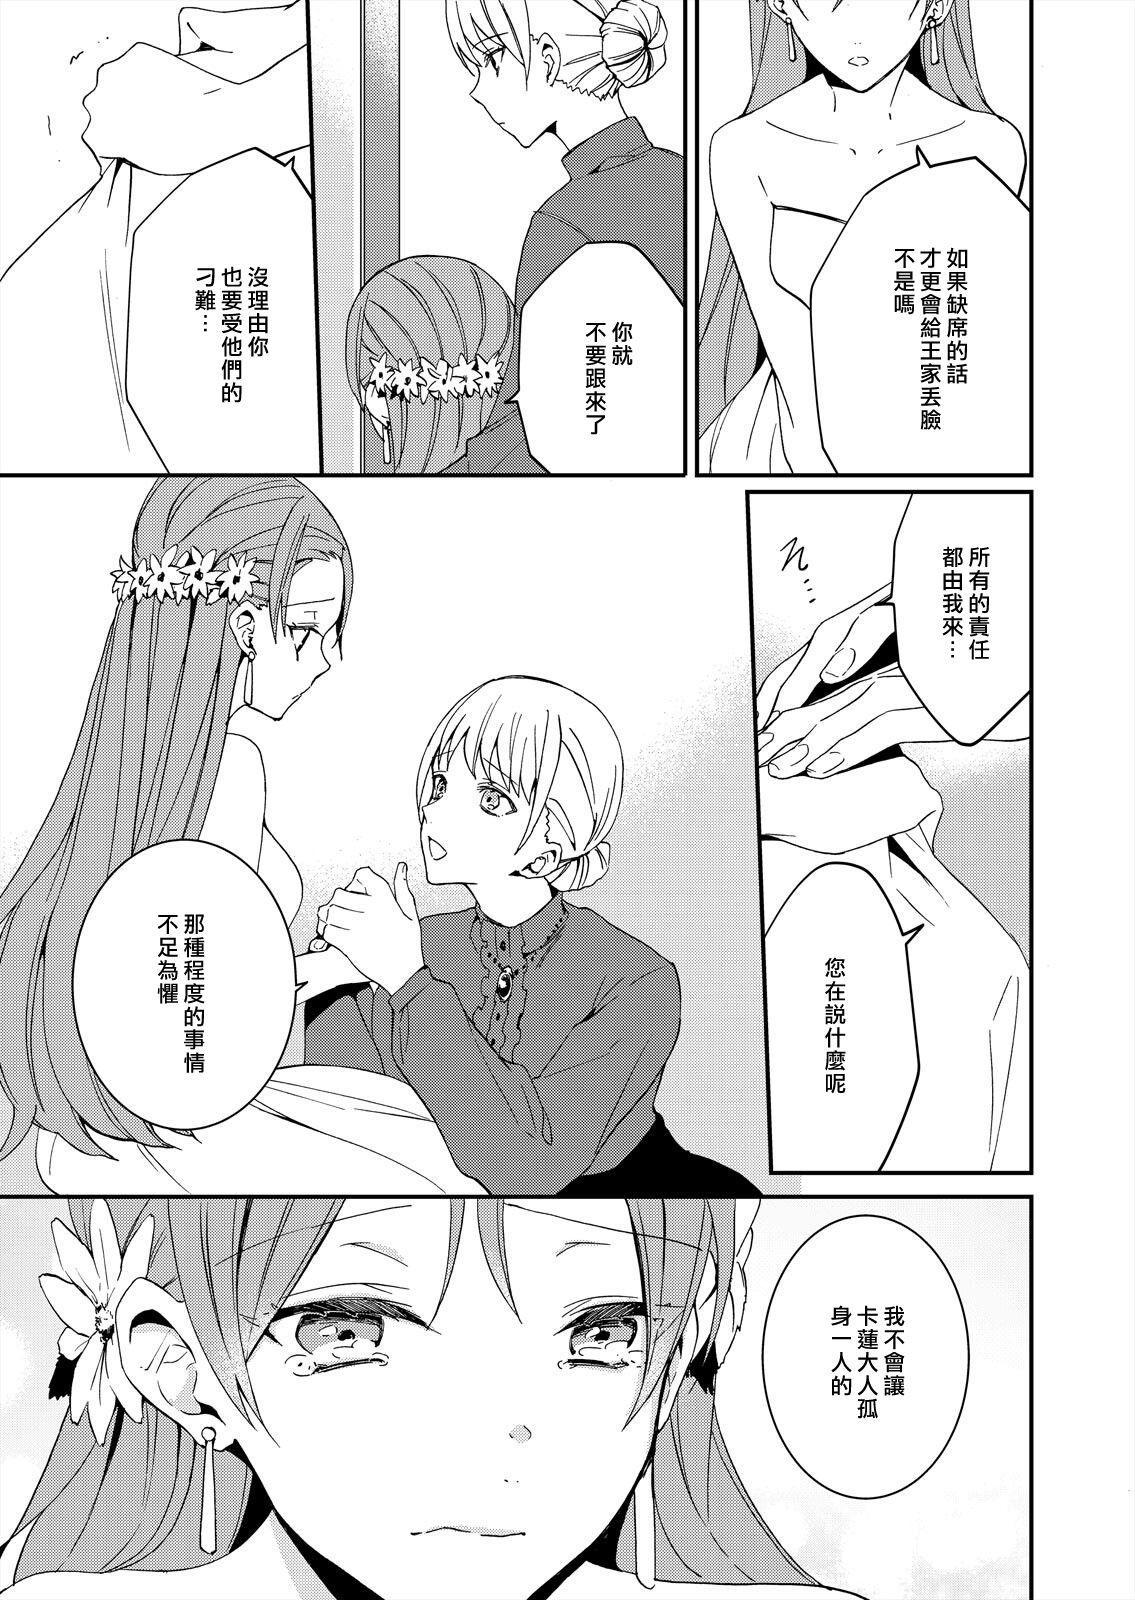 [Yuzushiwo] Akuyaku Reijou wa Ichizu ni Dekiai sarete ~Noumitsu Sex no Aite wa Juuboku~ | 被疯狂溺爱的反派大小姐~浓密性爱对象是仆从~ 1-5 [Chinese] [莉赛特汉化组] 128